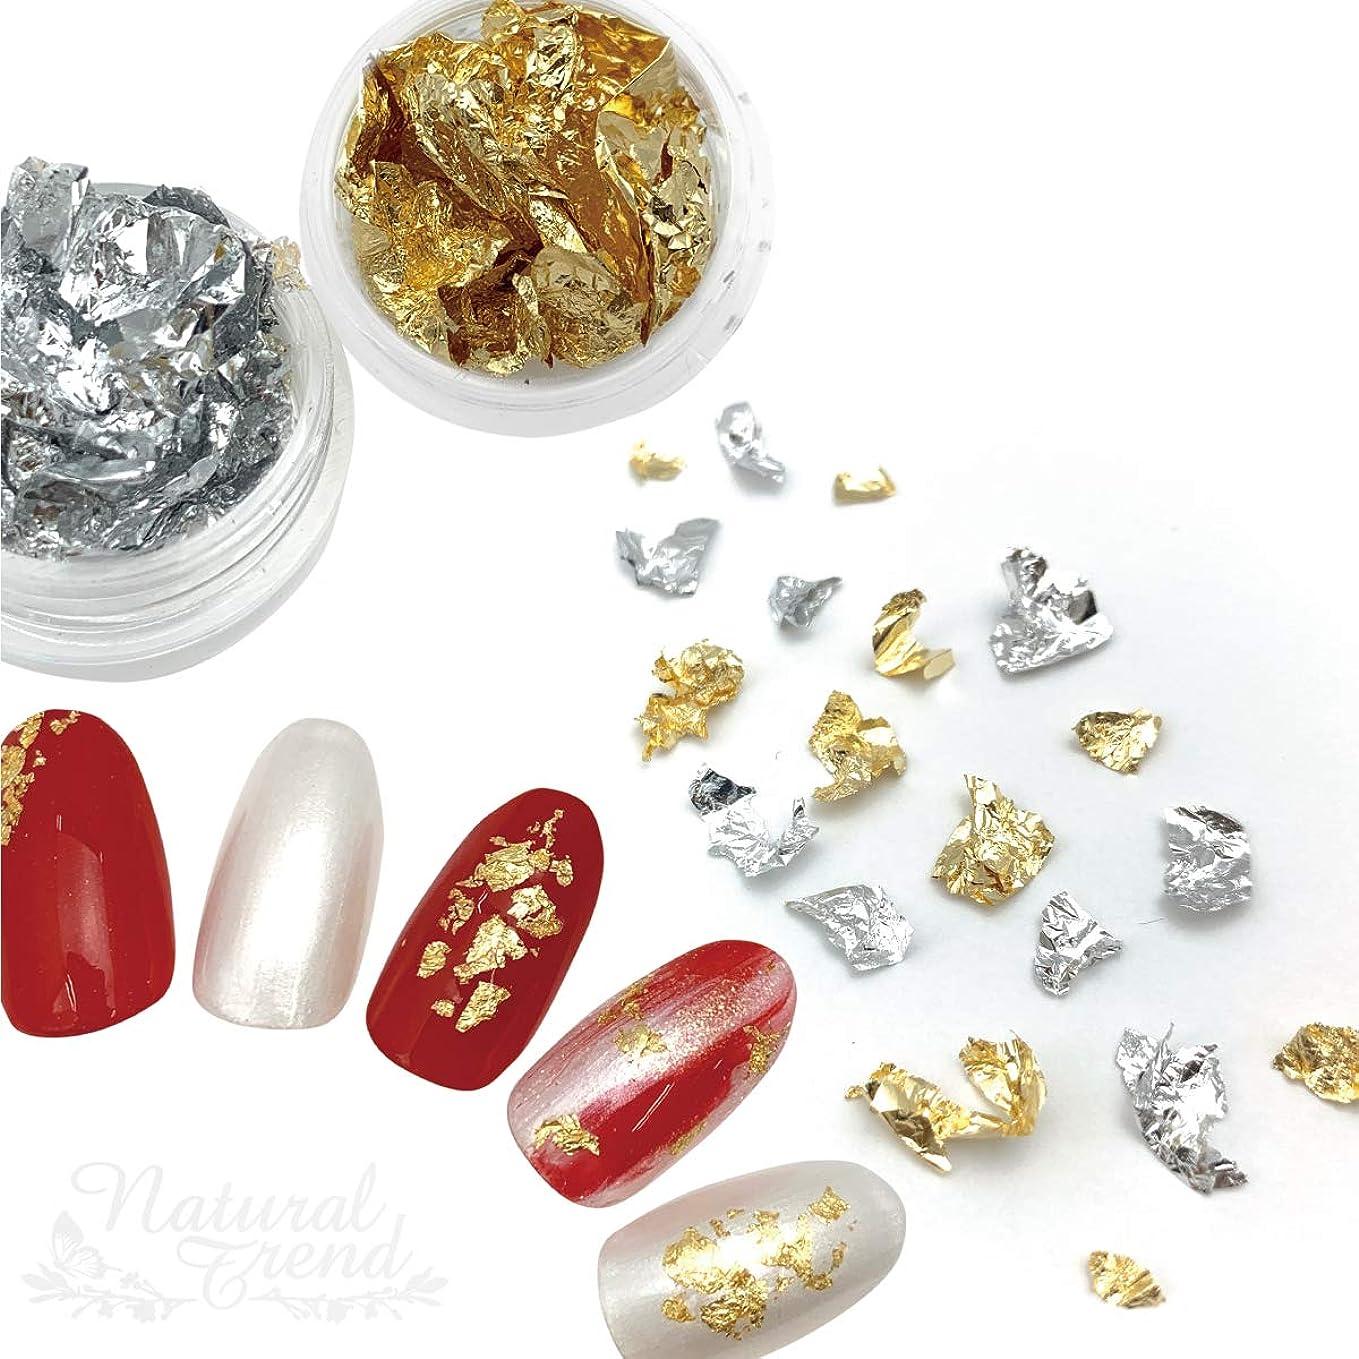 スクランブル競合他社選手テセウスNatural Trend 金箔 銀箔 ネイルホイル ジェルネイルアート (ゴールド)